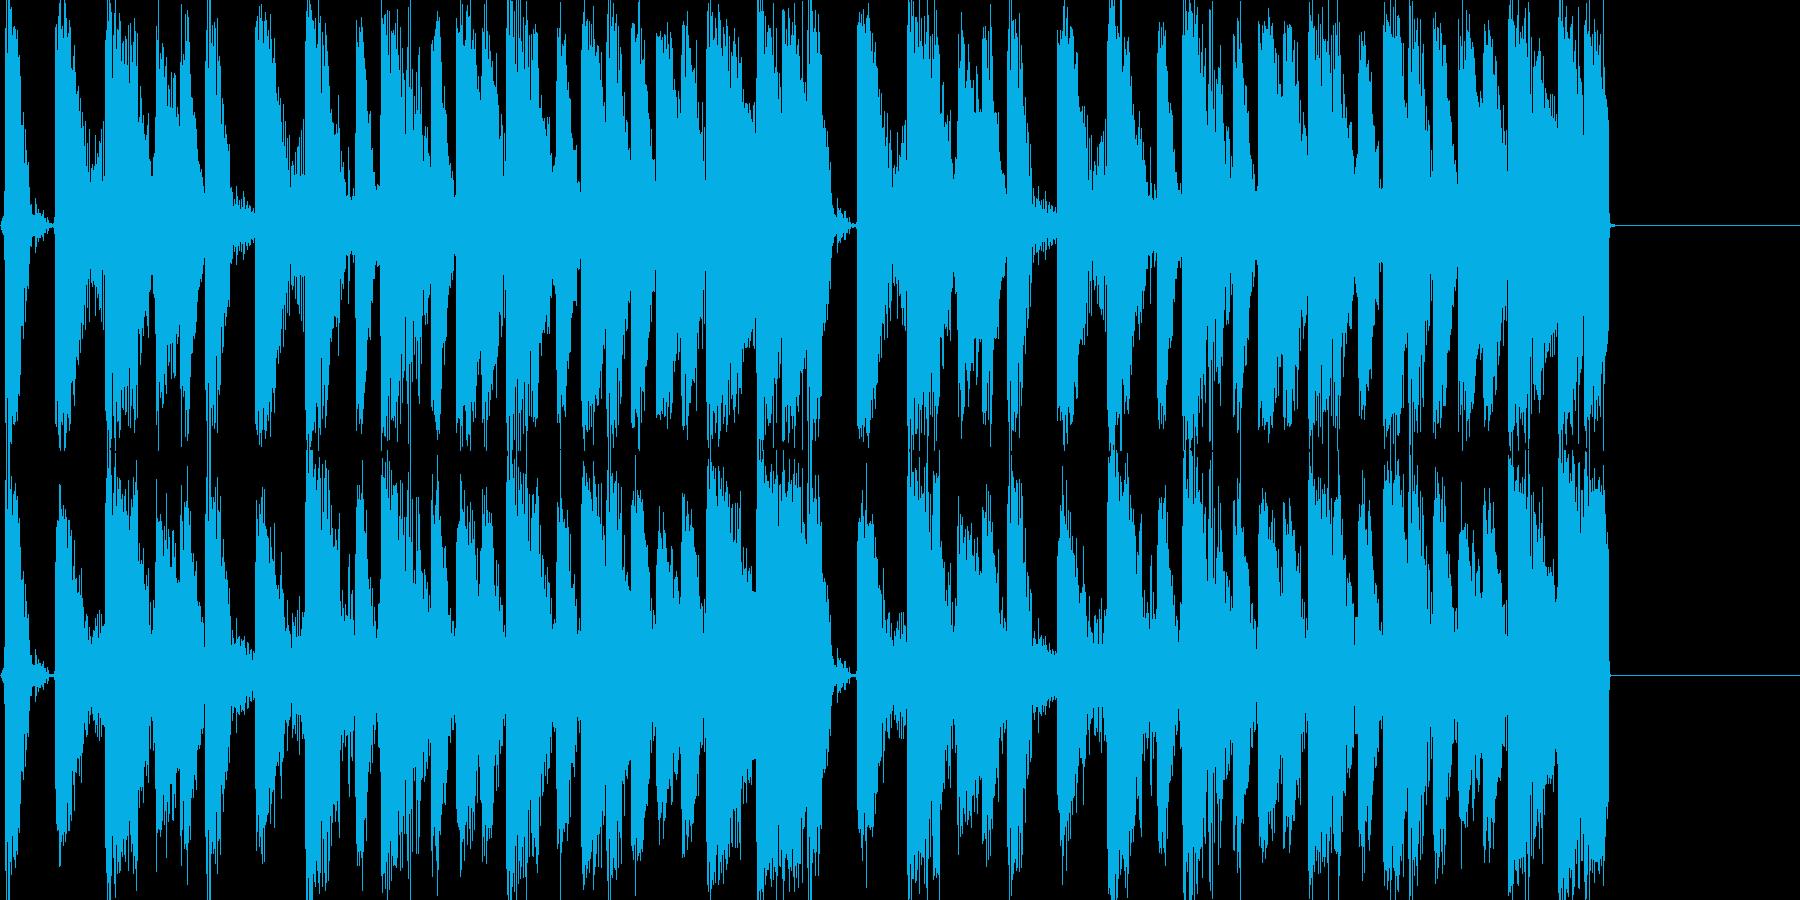 クラブトラック用のループ音源の再生済みの波形